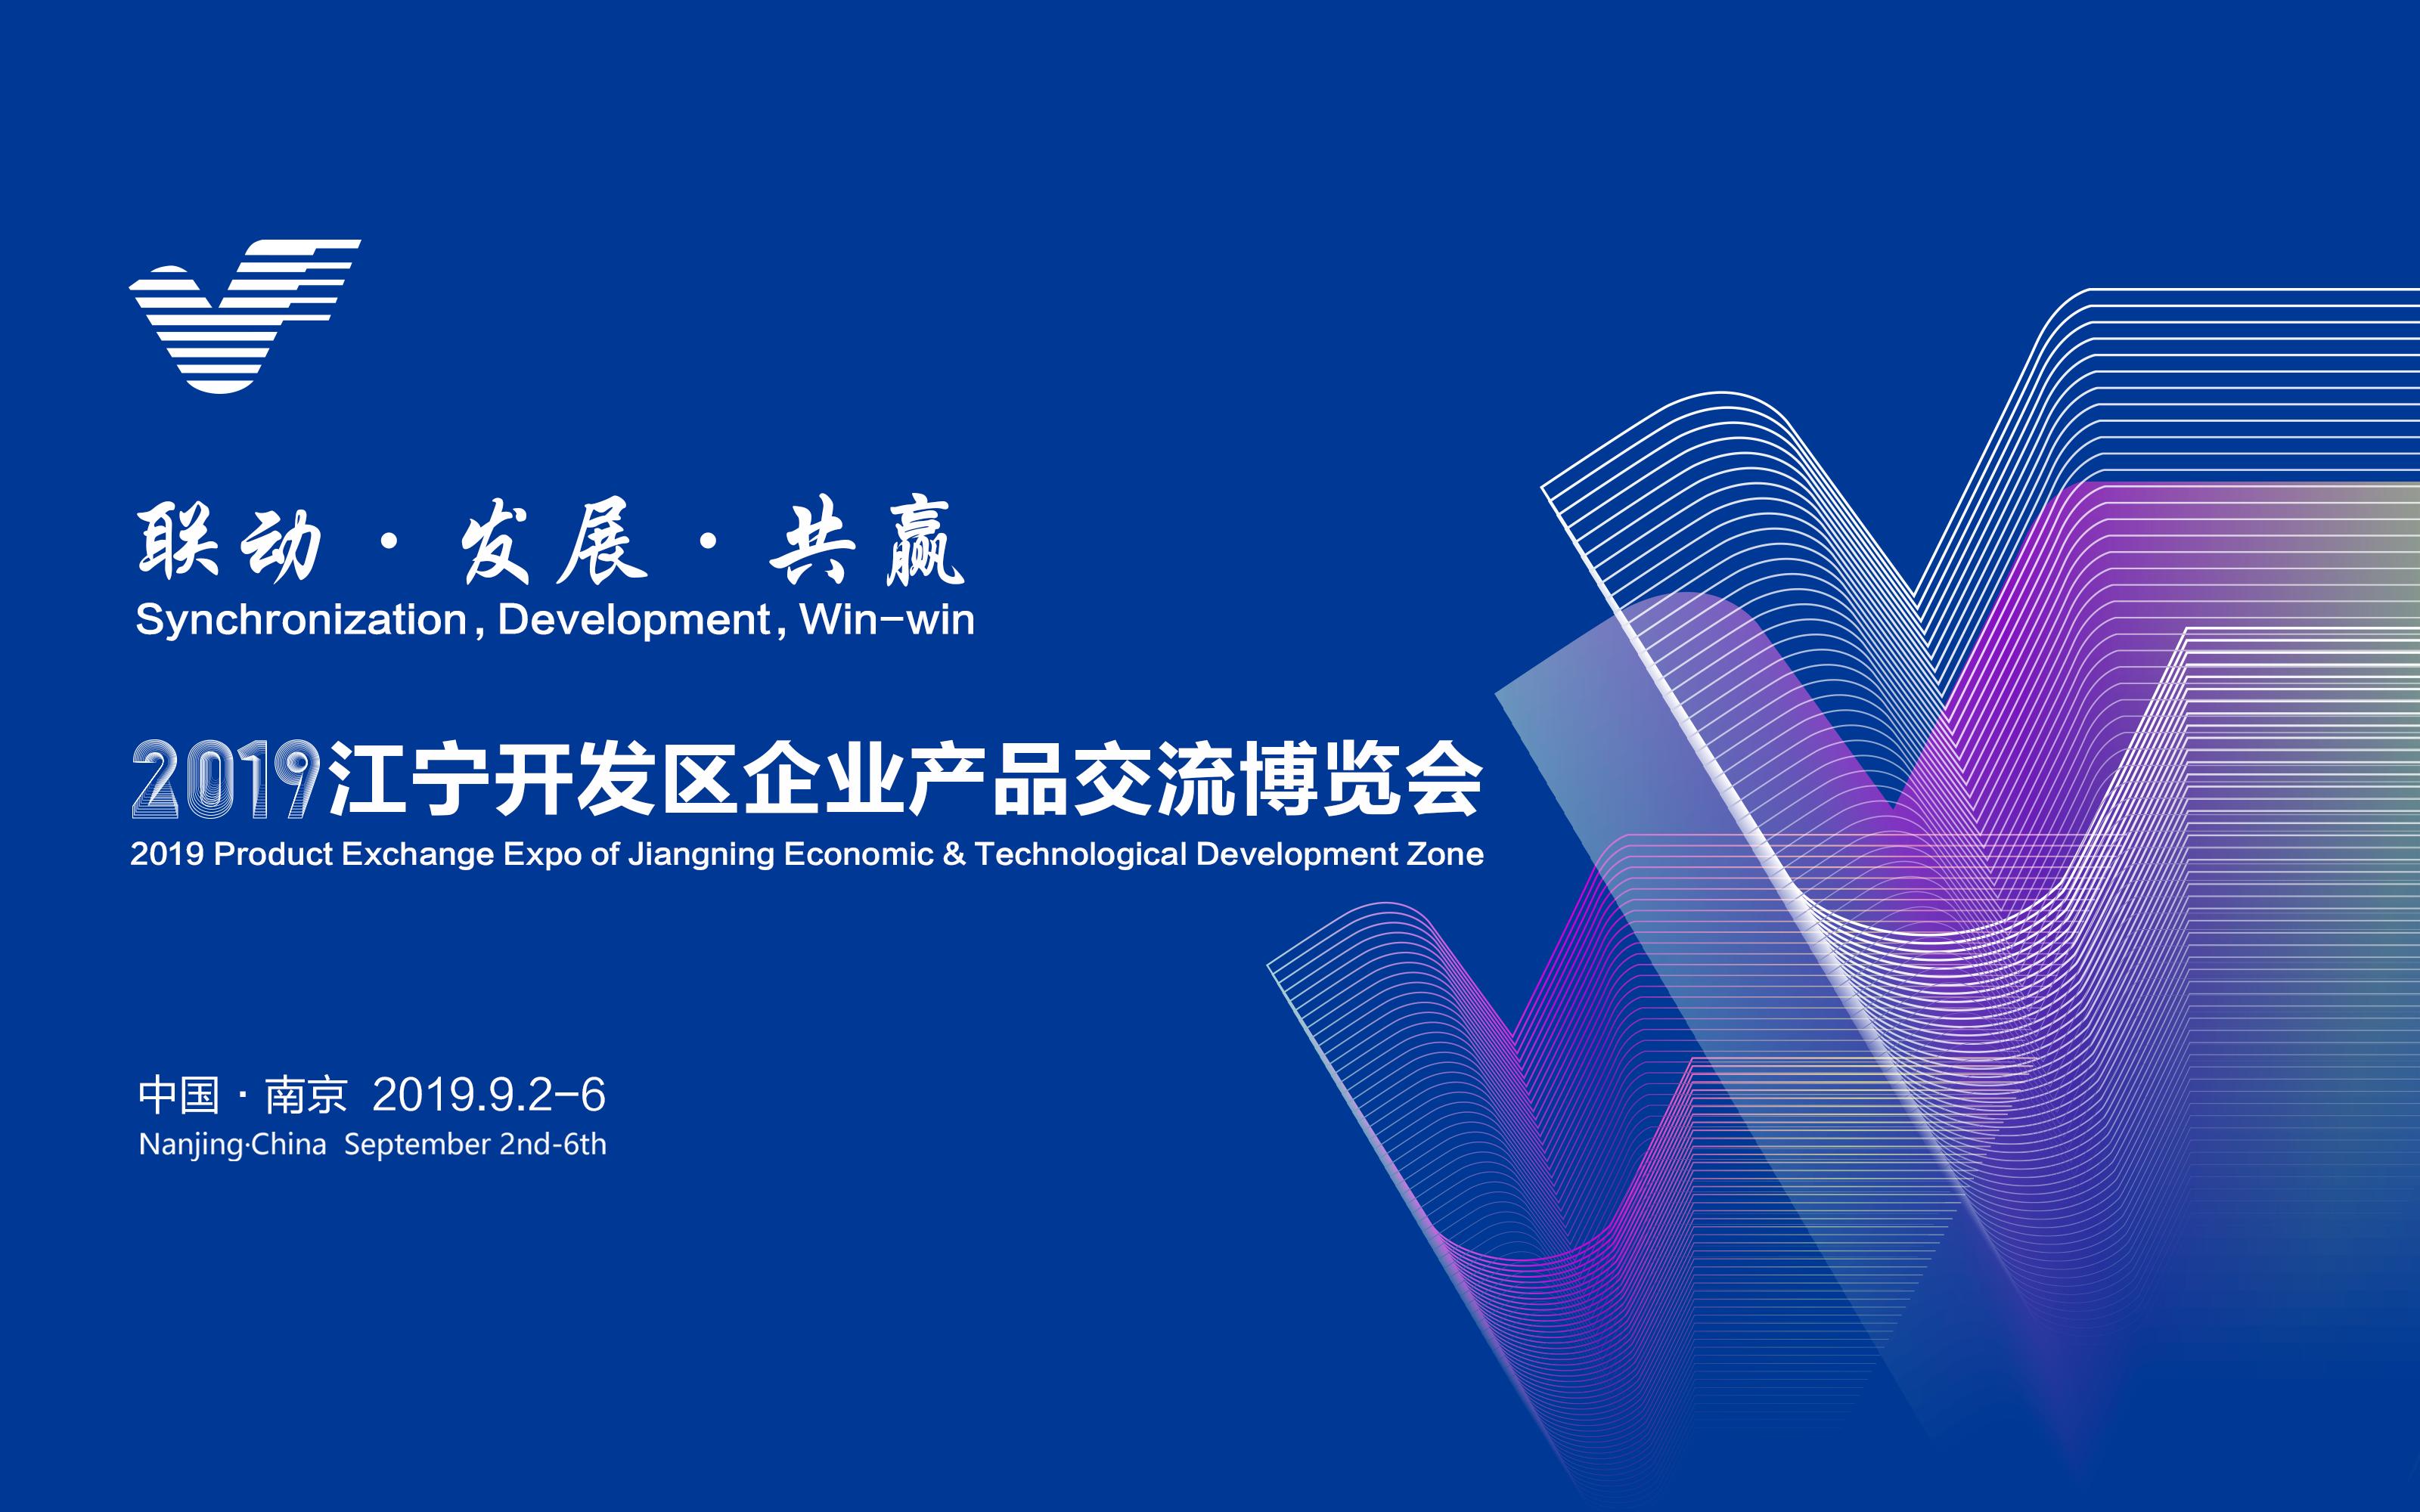 南京江宁经济技术开发区园区企业产品交流博览会